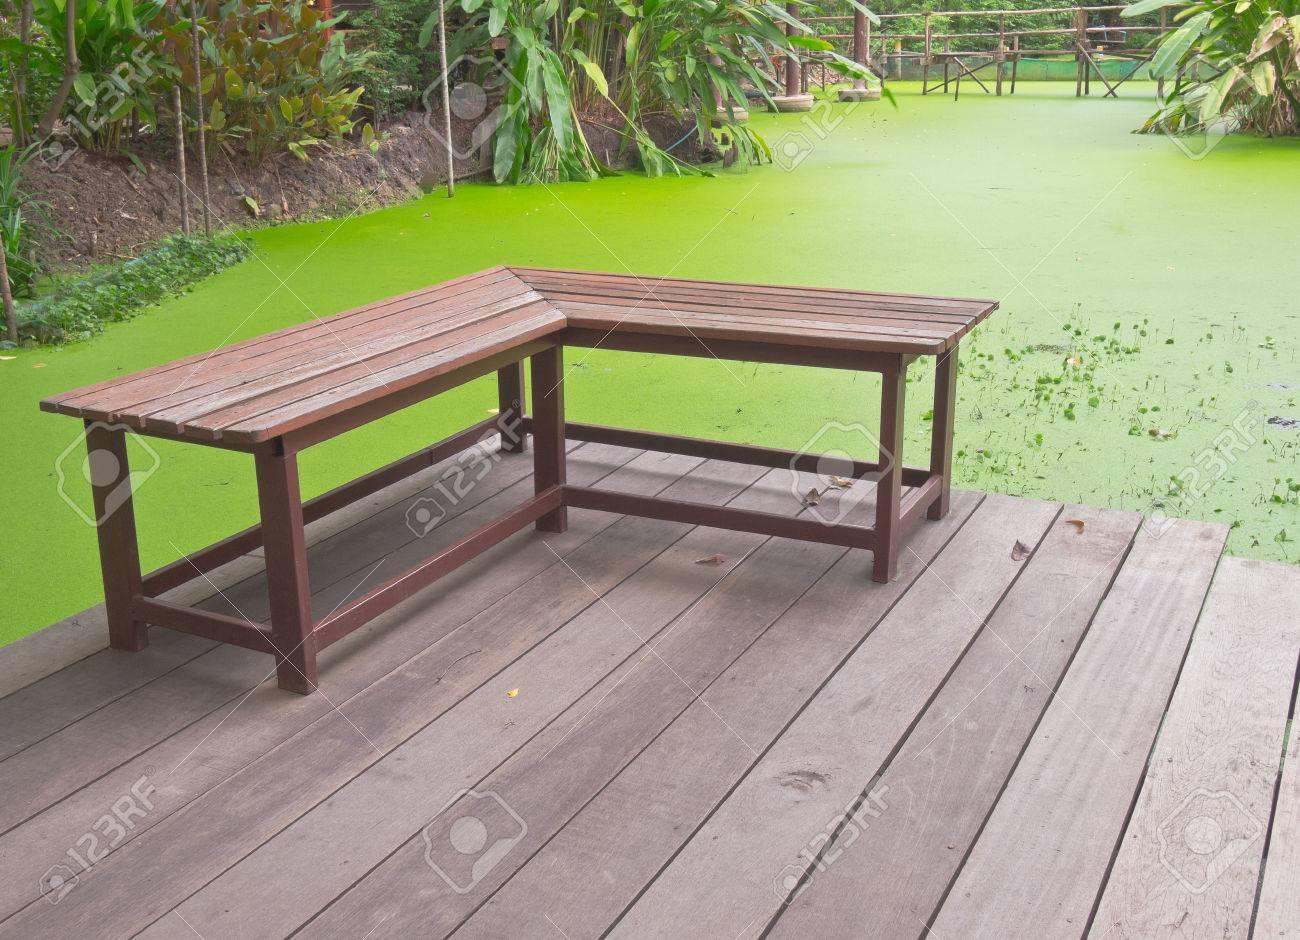 Derecha Banco De Madera ángulo En La Terraza Al Lado De La Charca Verde De La Lenteja De Agua